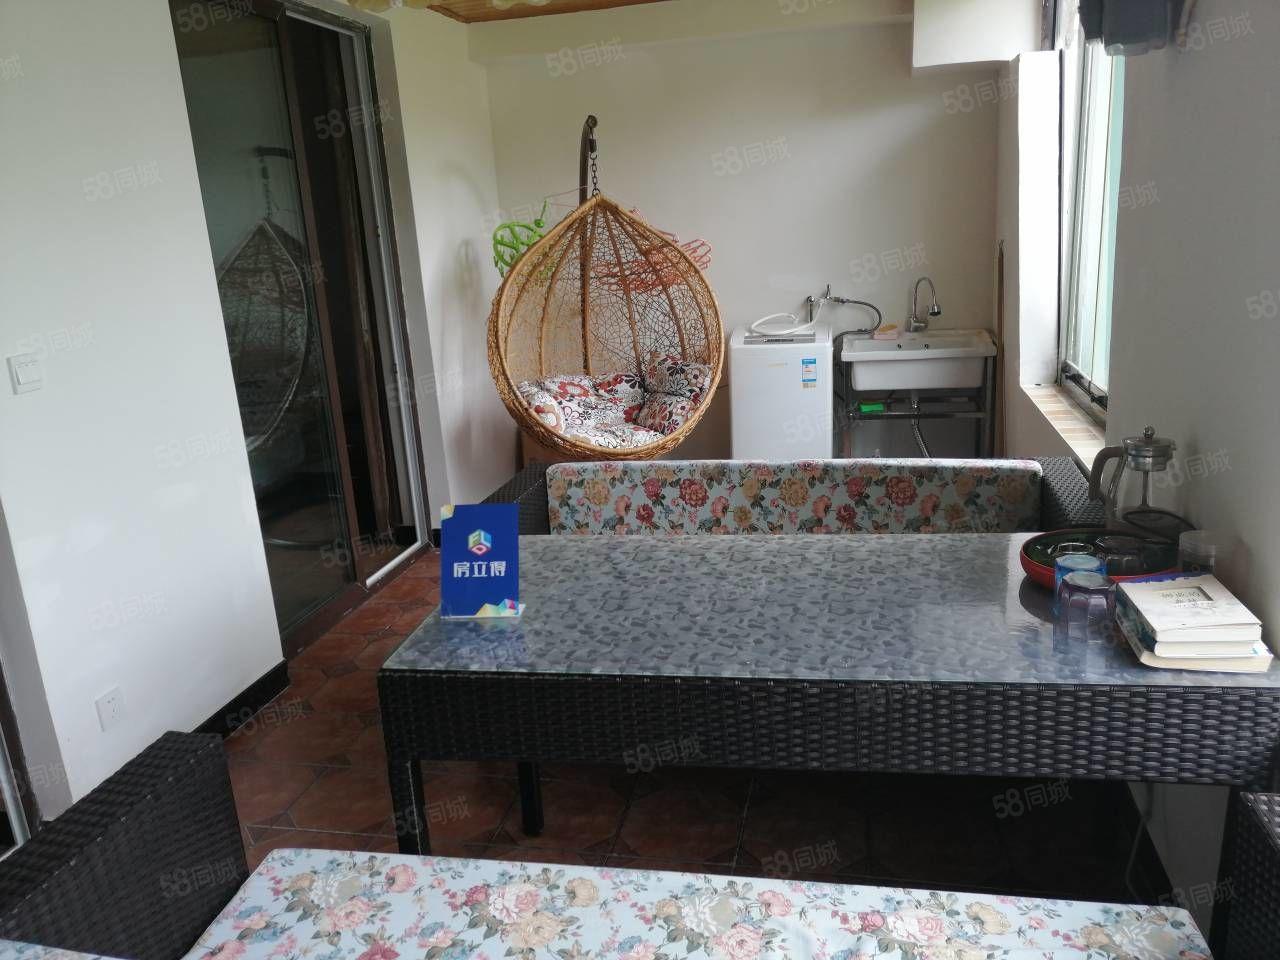 仙女山避暑房隆鑫花漾的山谷精装一室大露台急售